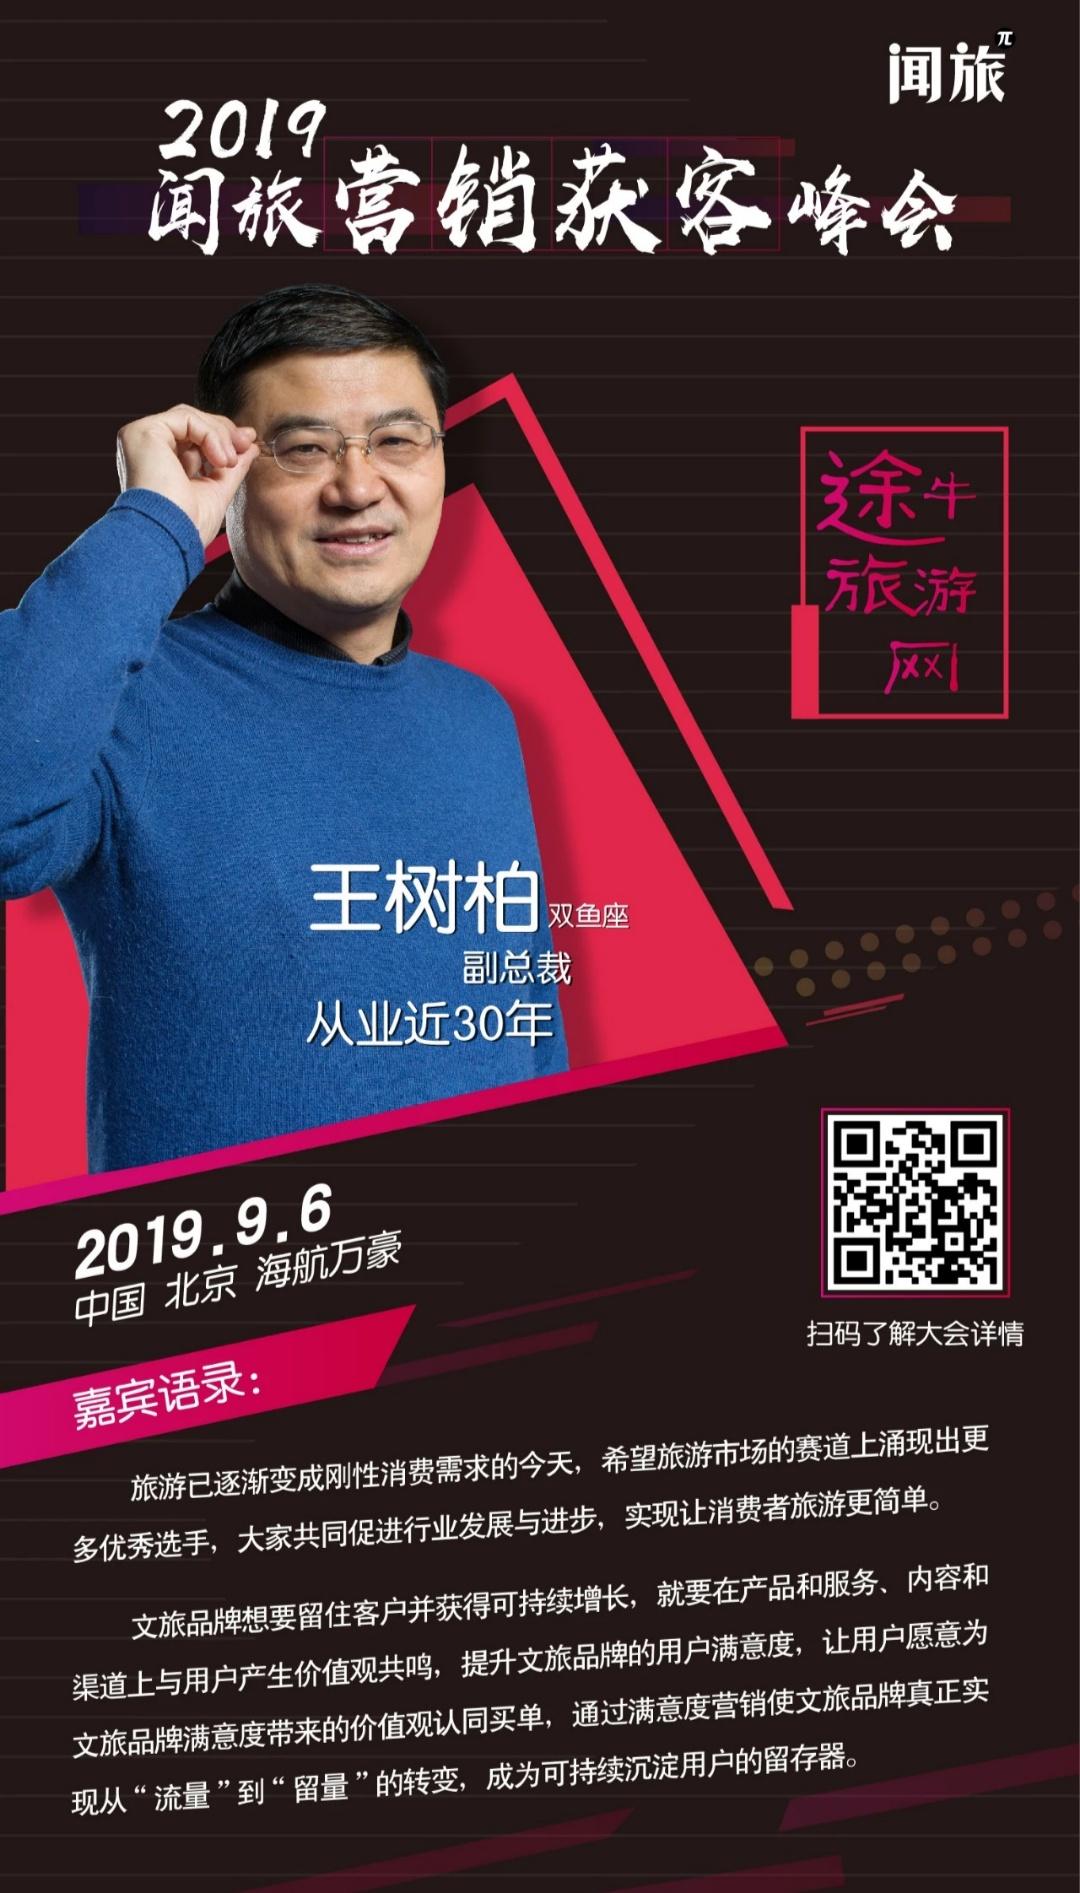 Screenshot_2019-08-02-20-48-09-751_com.tencent.mm.png